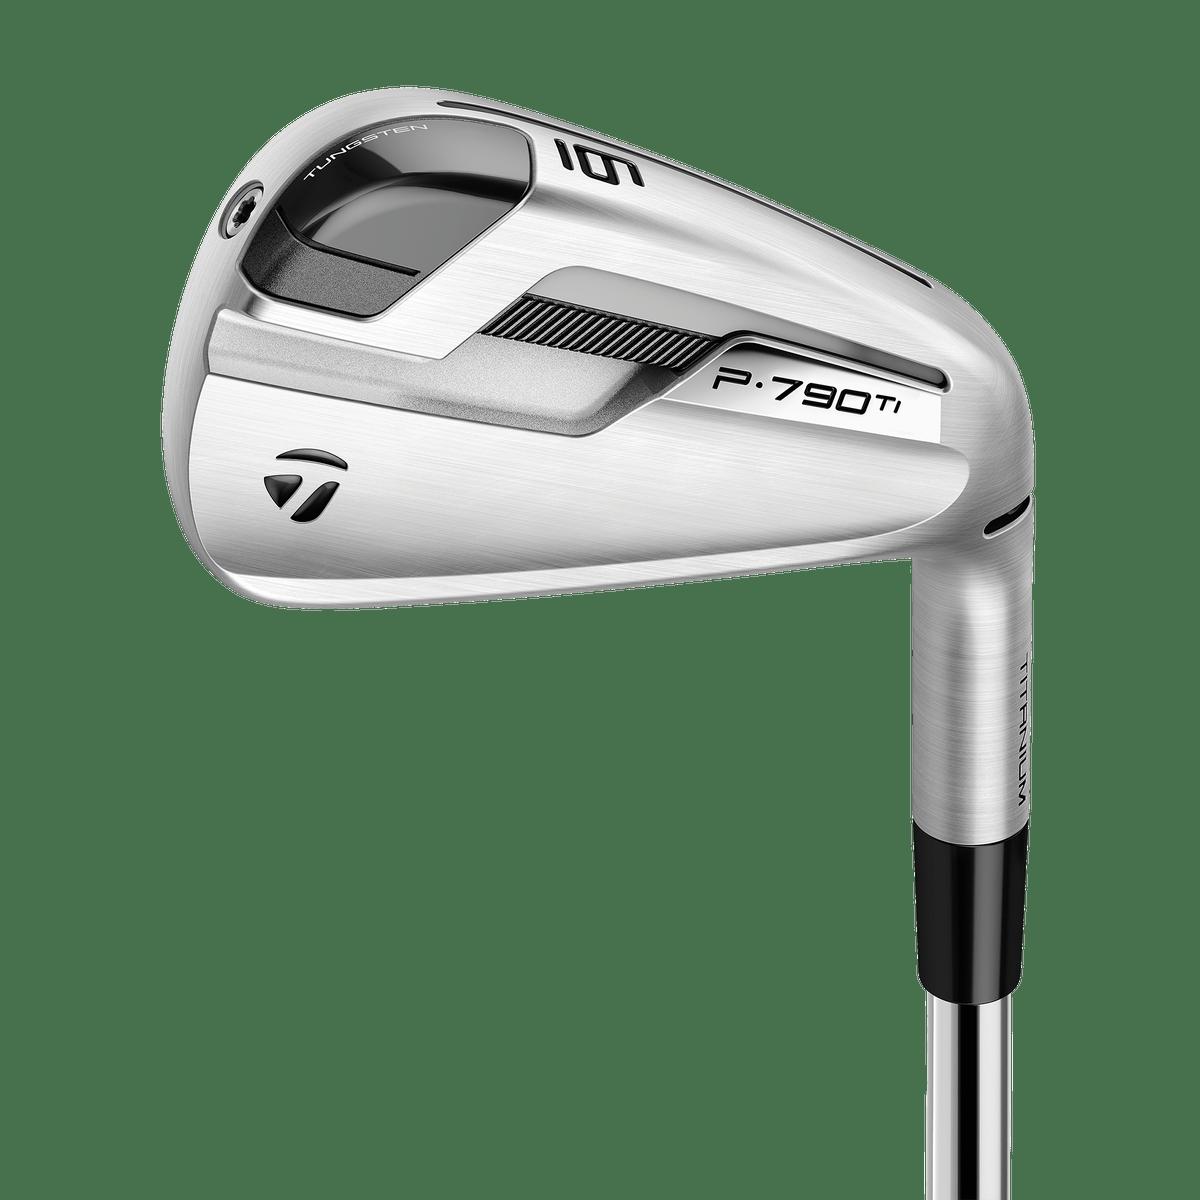 TaylorMade P790 TI Iron Set